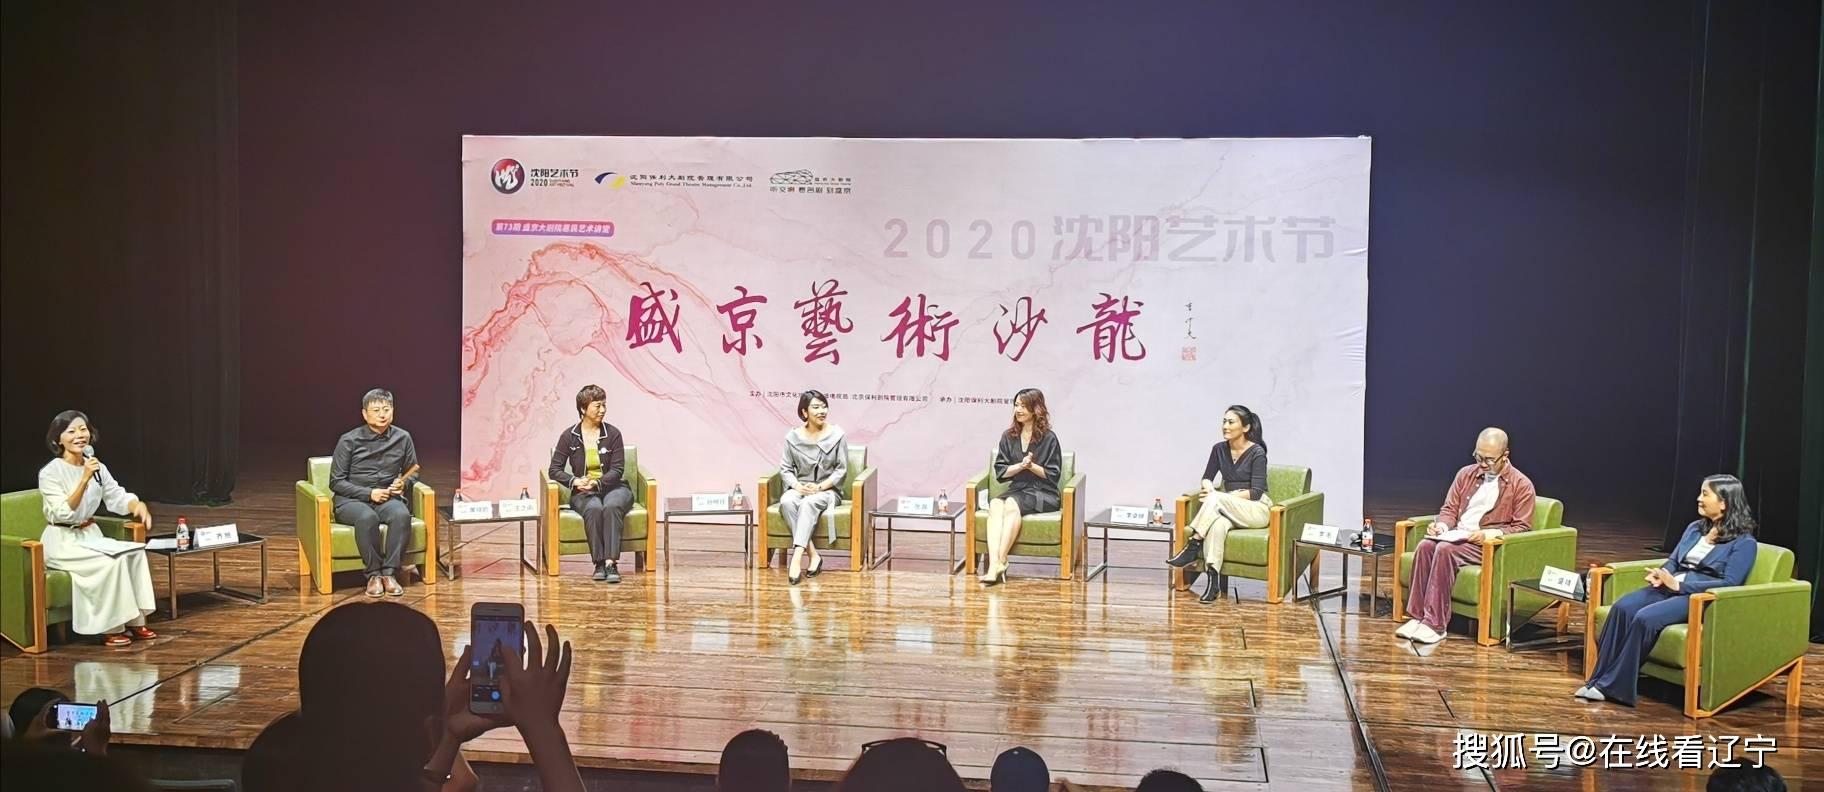 """打造城市艺术盛宴""""2020沈阳艺术节""""盛京艺术沙龙成功举行"""